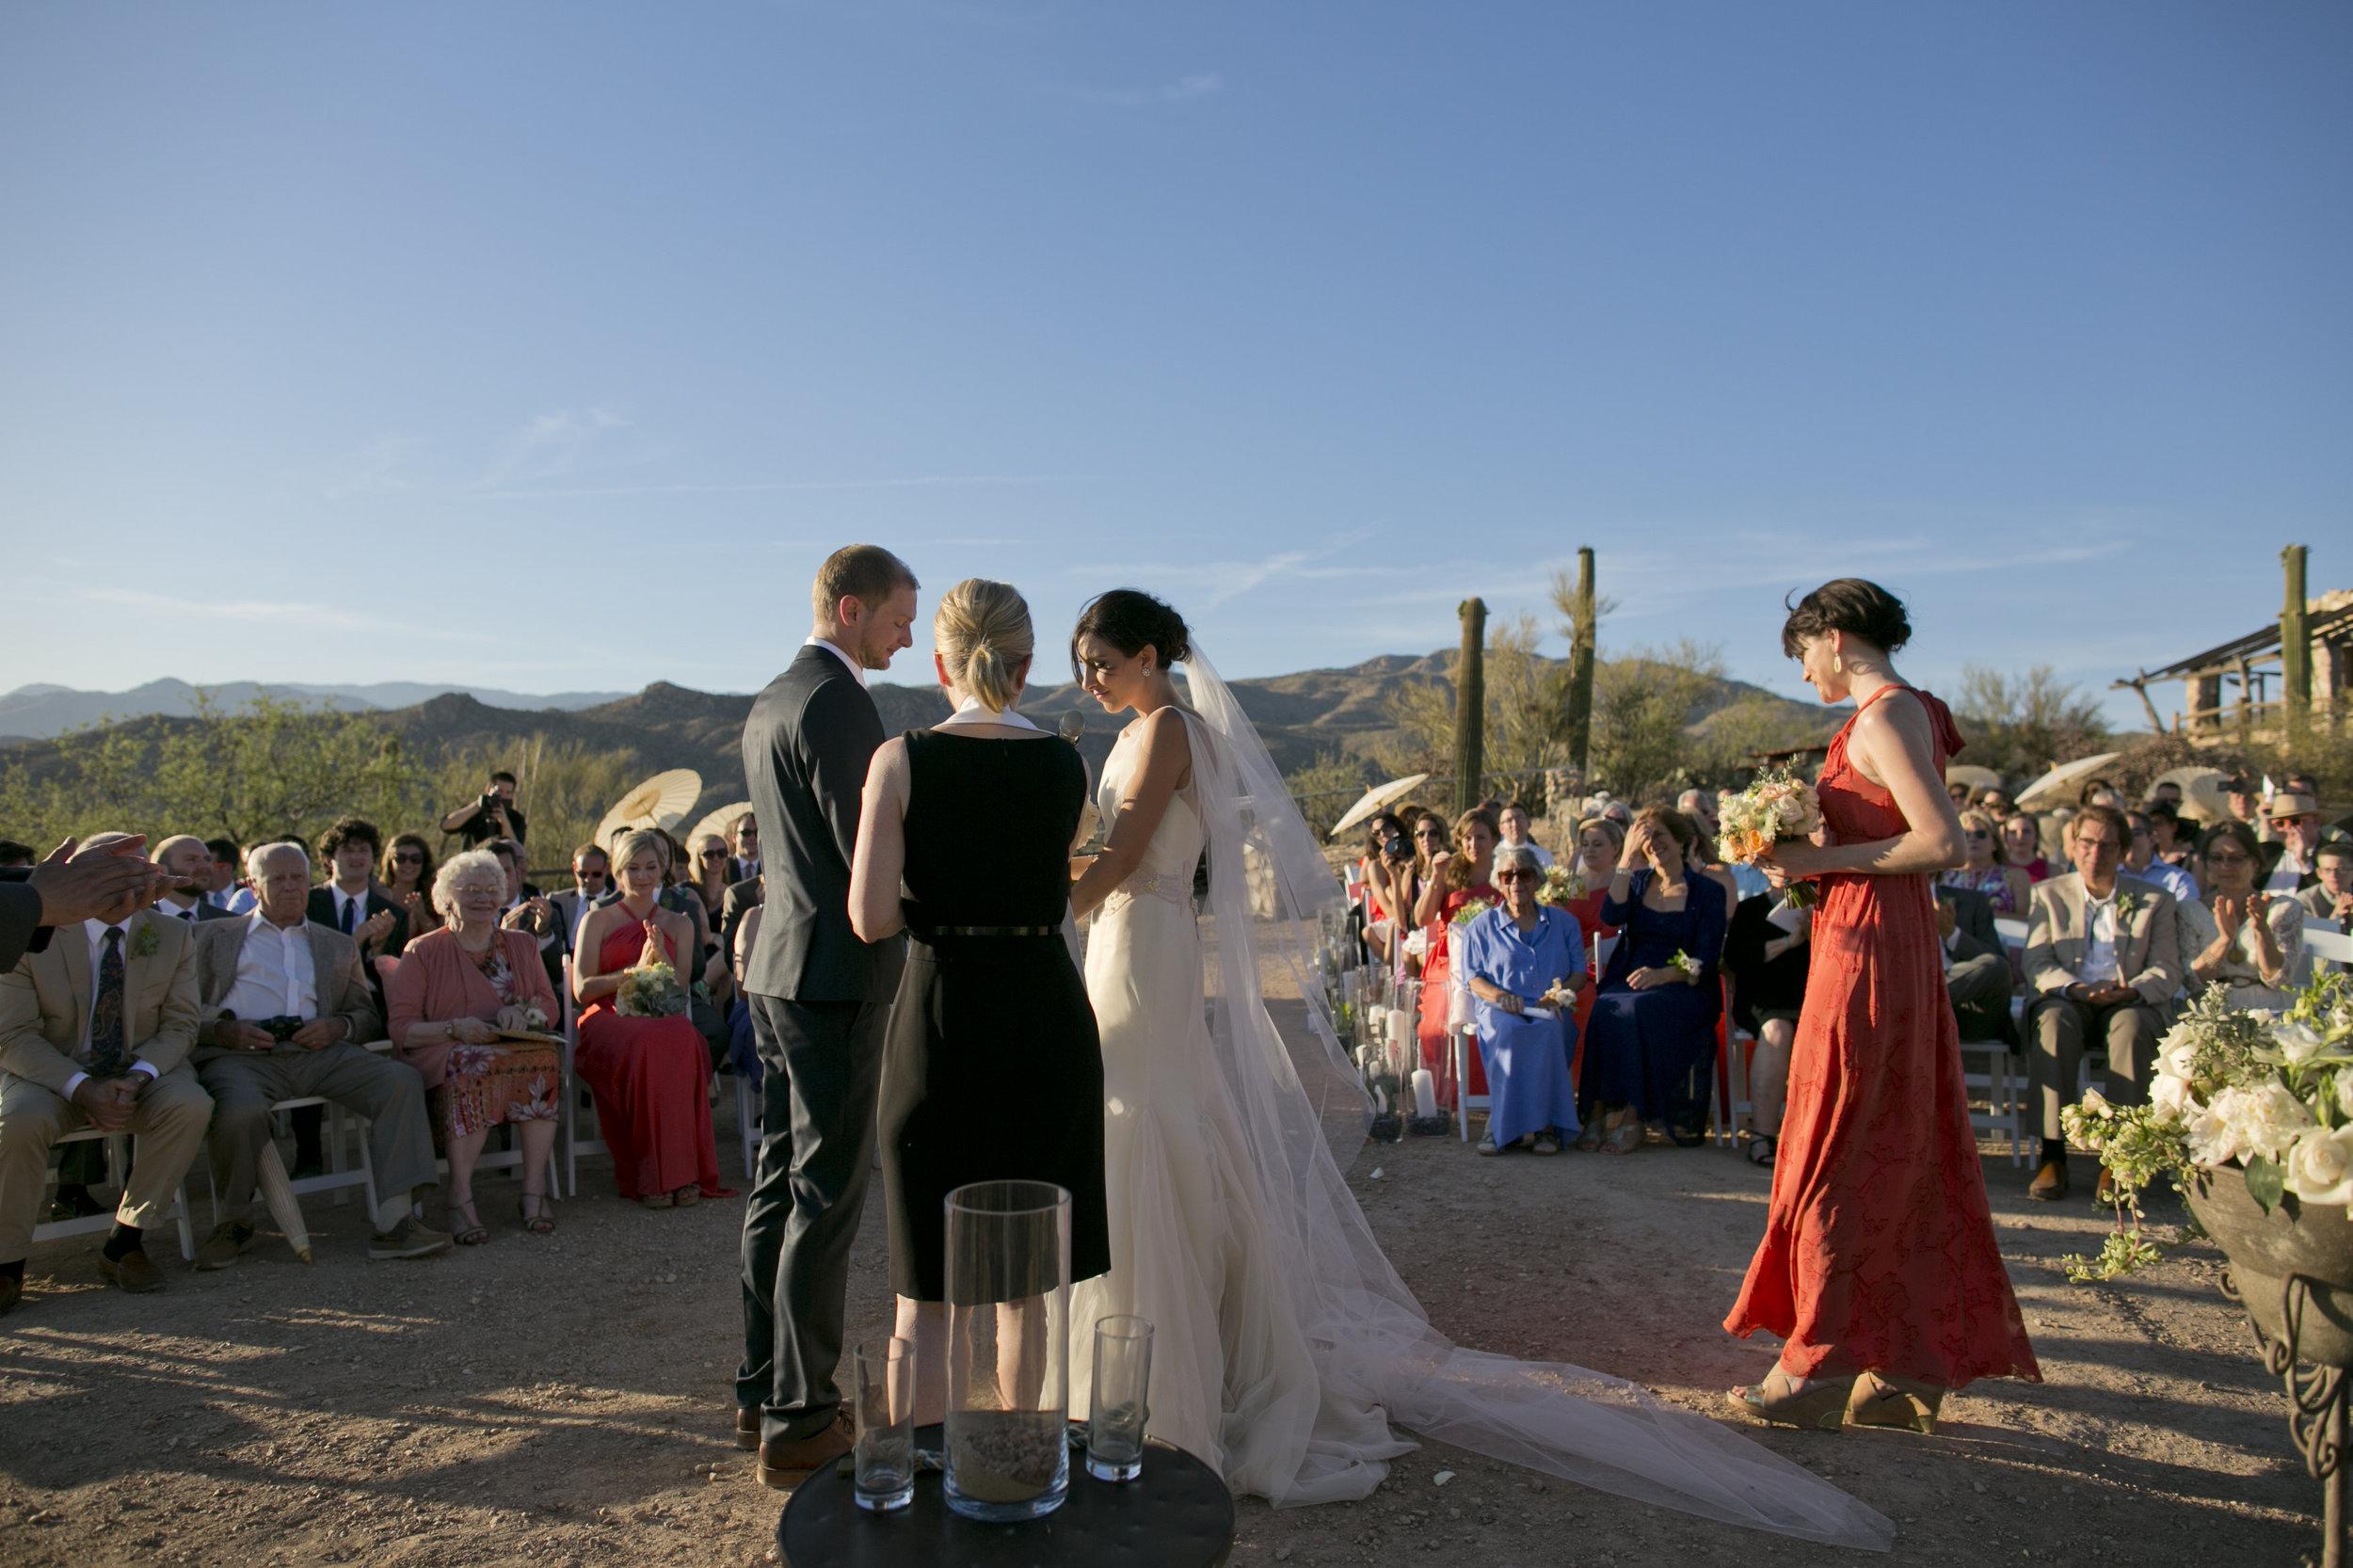 Ceci_New_York_Ceci_Style_Ceci_Johnson_Luxury_Lifestyle_Arizona_Wedding_Watercolor_Inspiration_Design_Custom_Couture_Personalized_Invitations_127.jpg